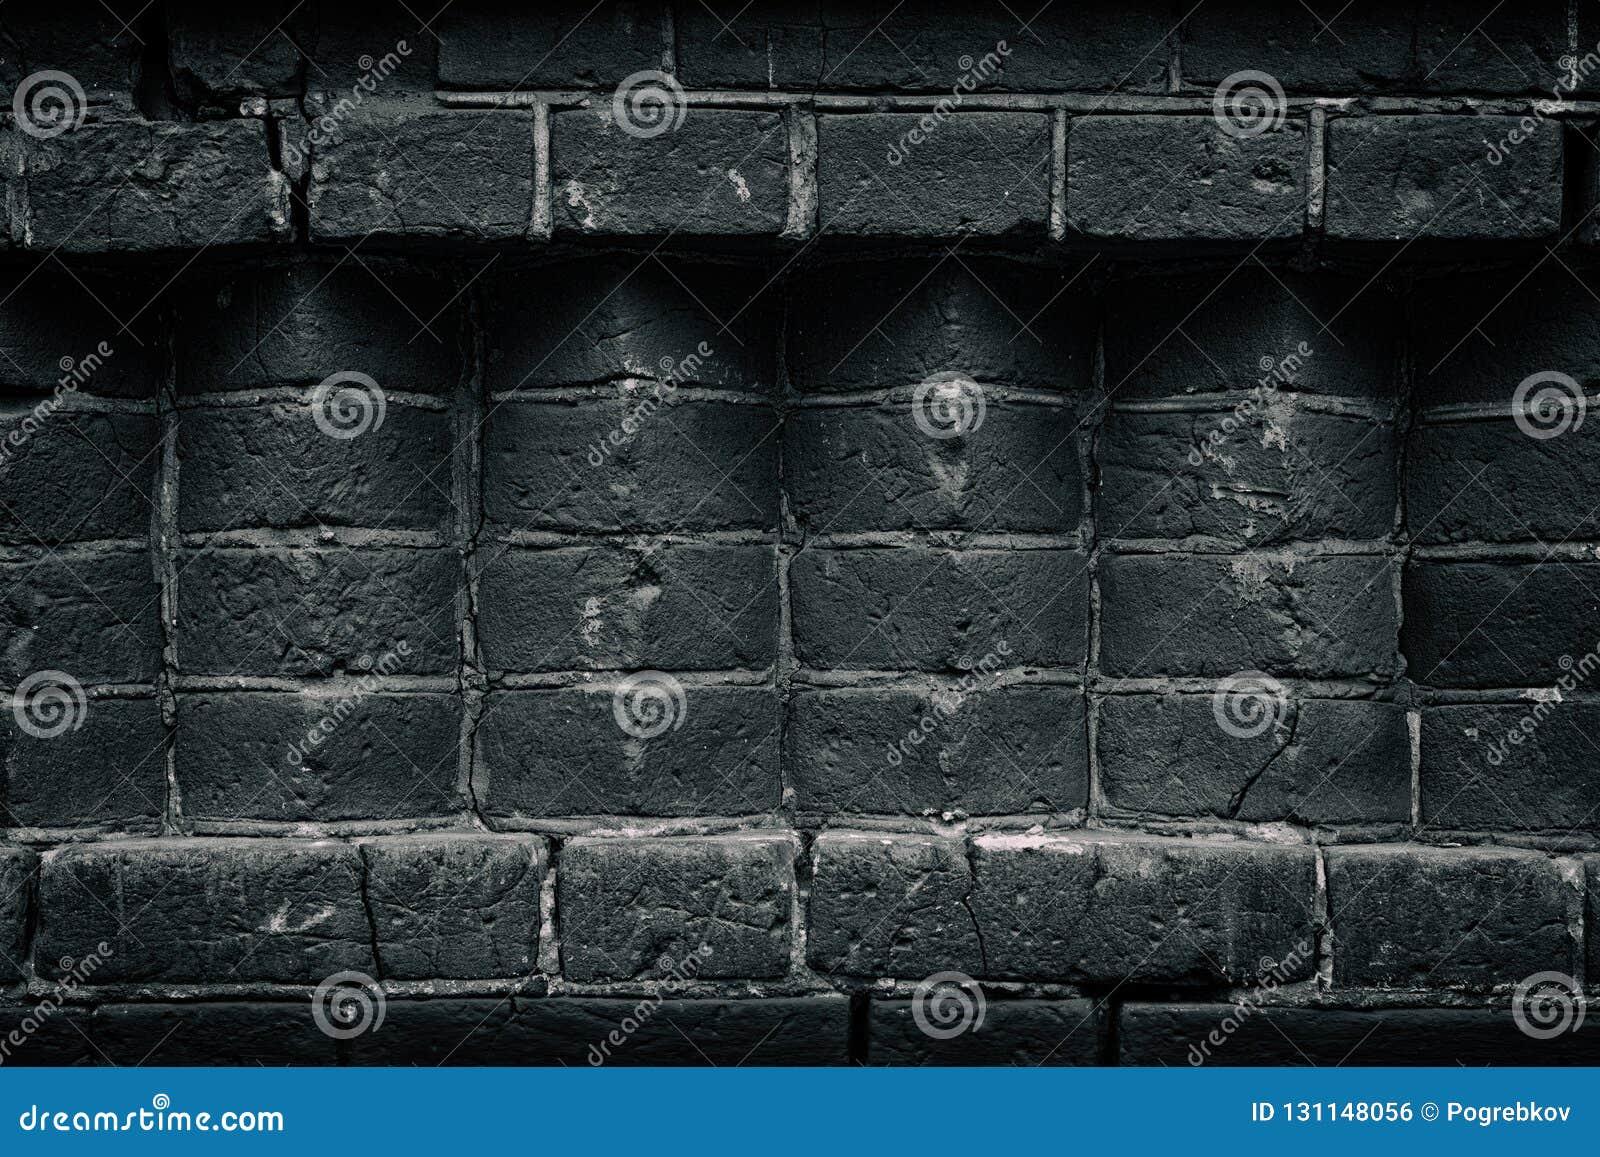 Старая черная кирпичная кладка - углы кирпича - темная - серая предпосылка